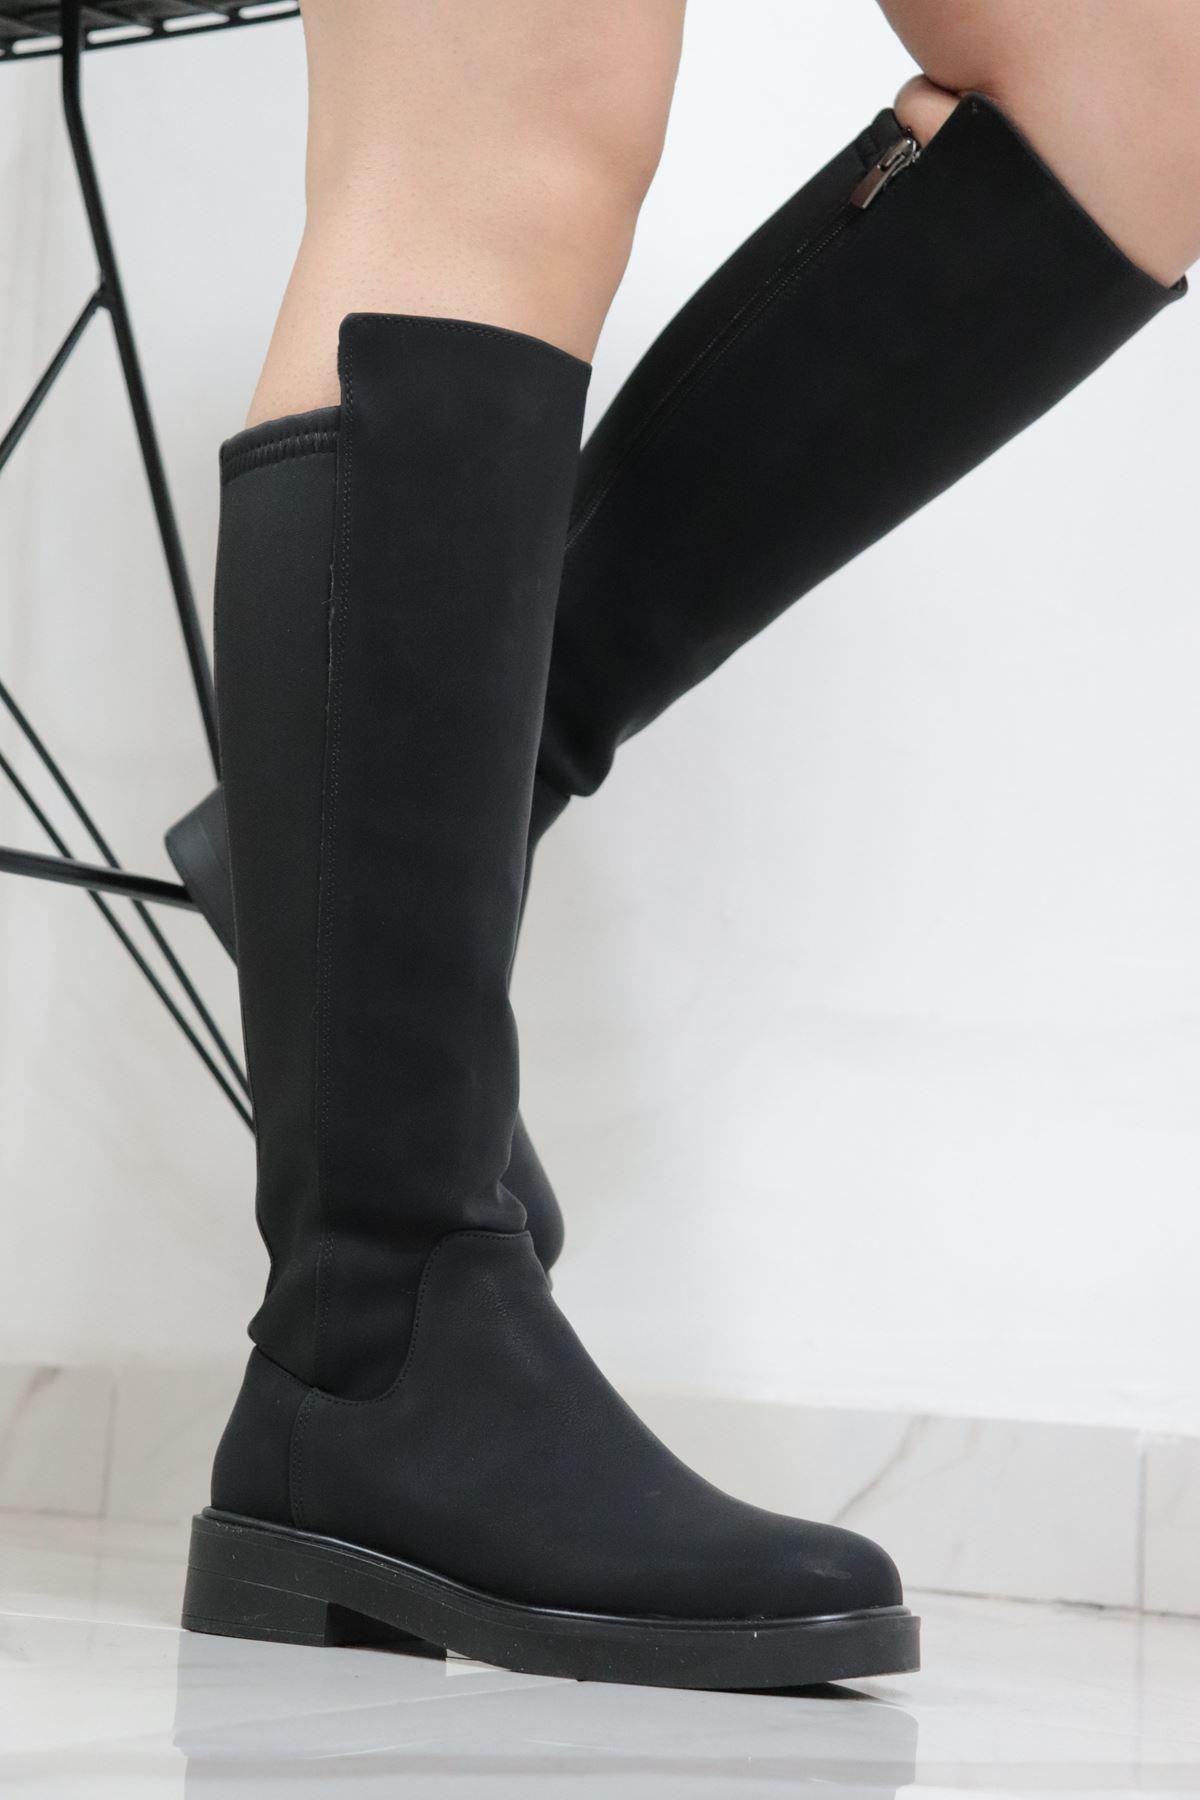 Trendayakkabi - Siyah Streç Kadın Çizme